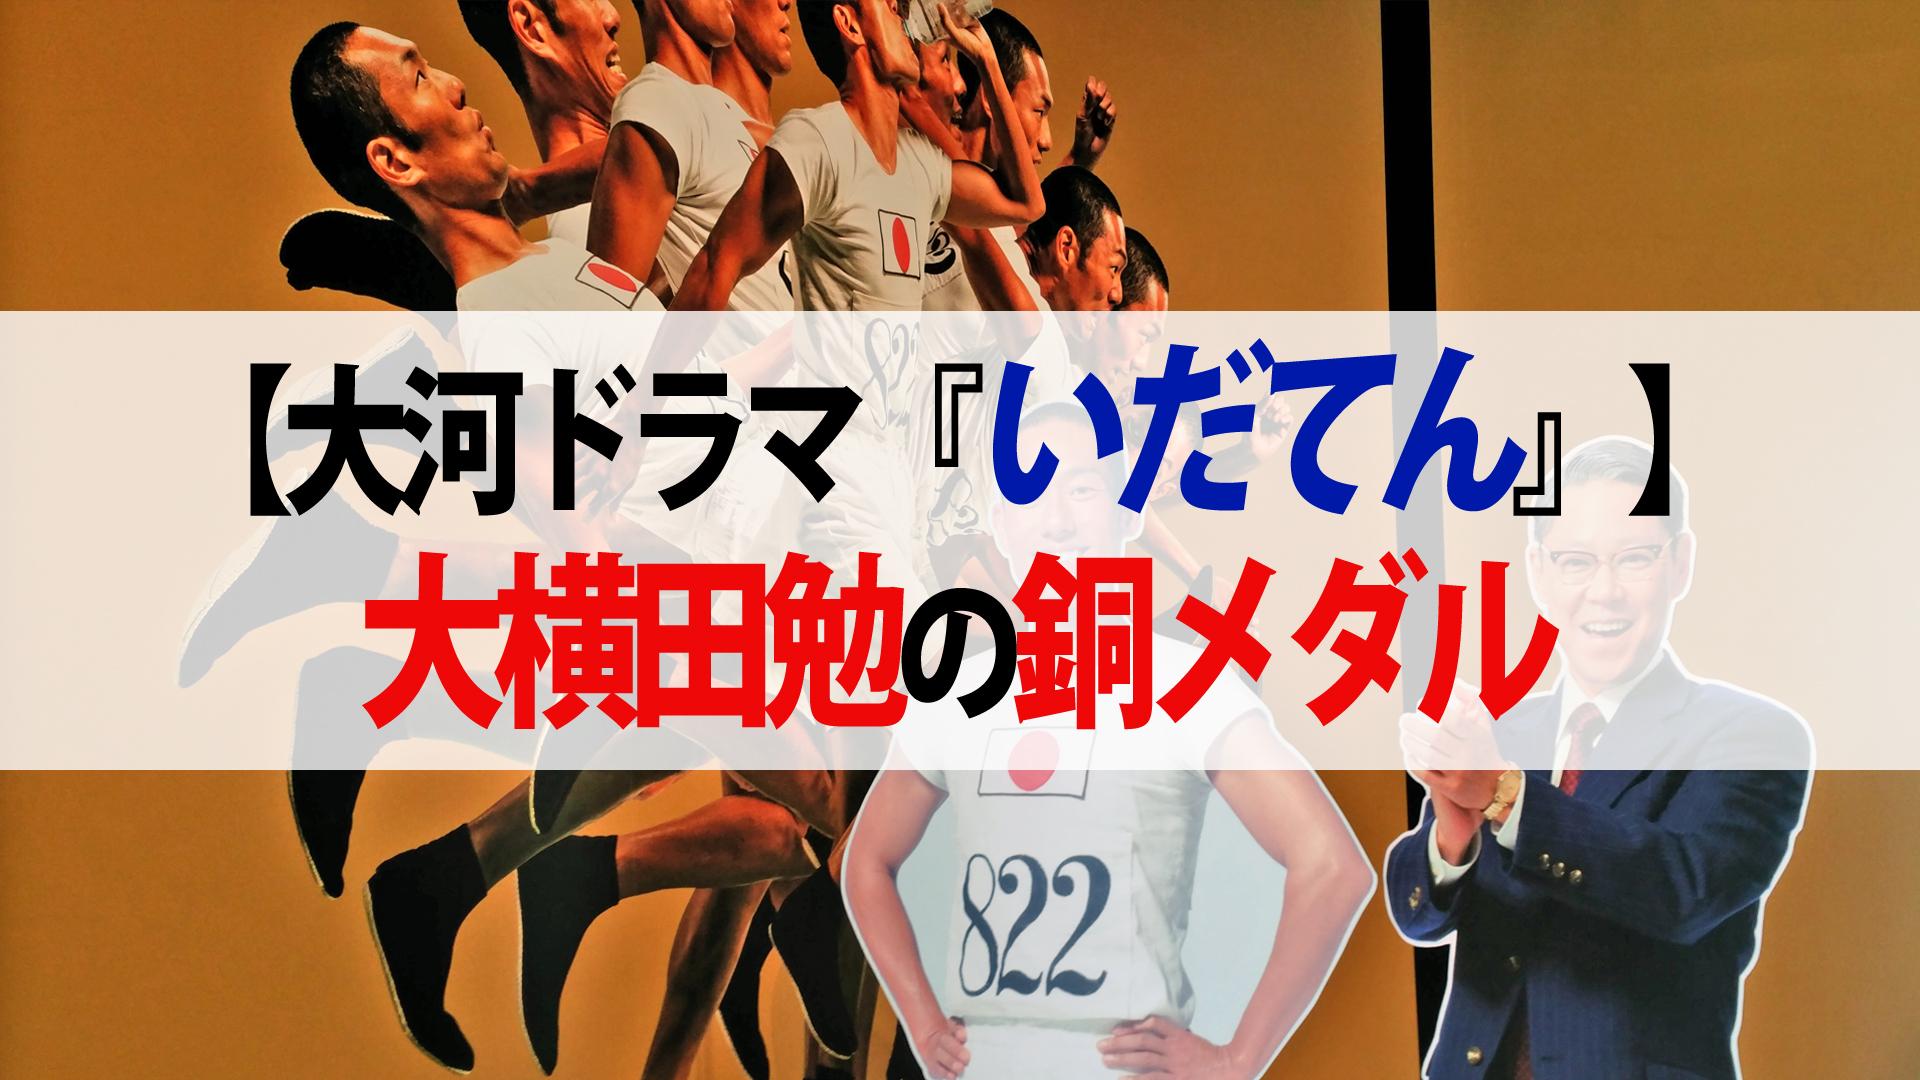 【いだてん『黄金狂時代』】『大横田勉の銅メダル』『実感放送』『発散できないモヤモヤ』第30回への反響まとめ